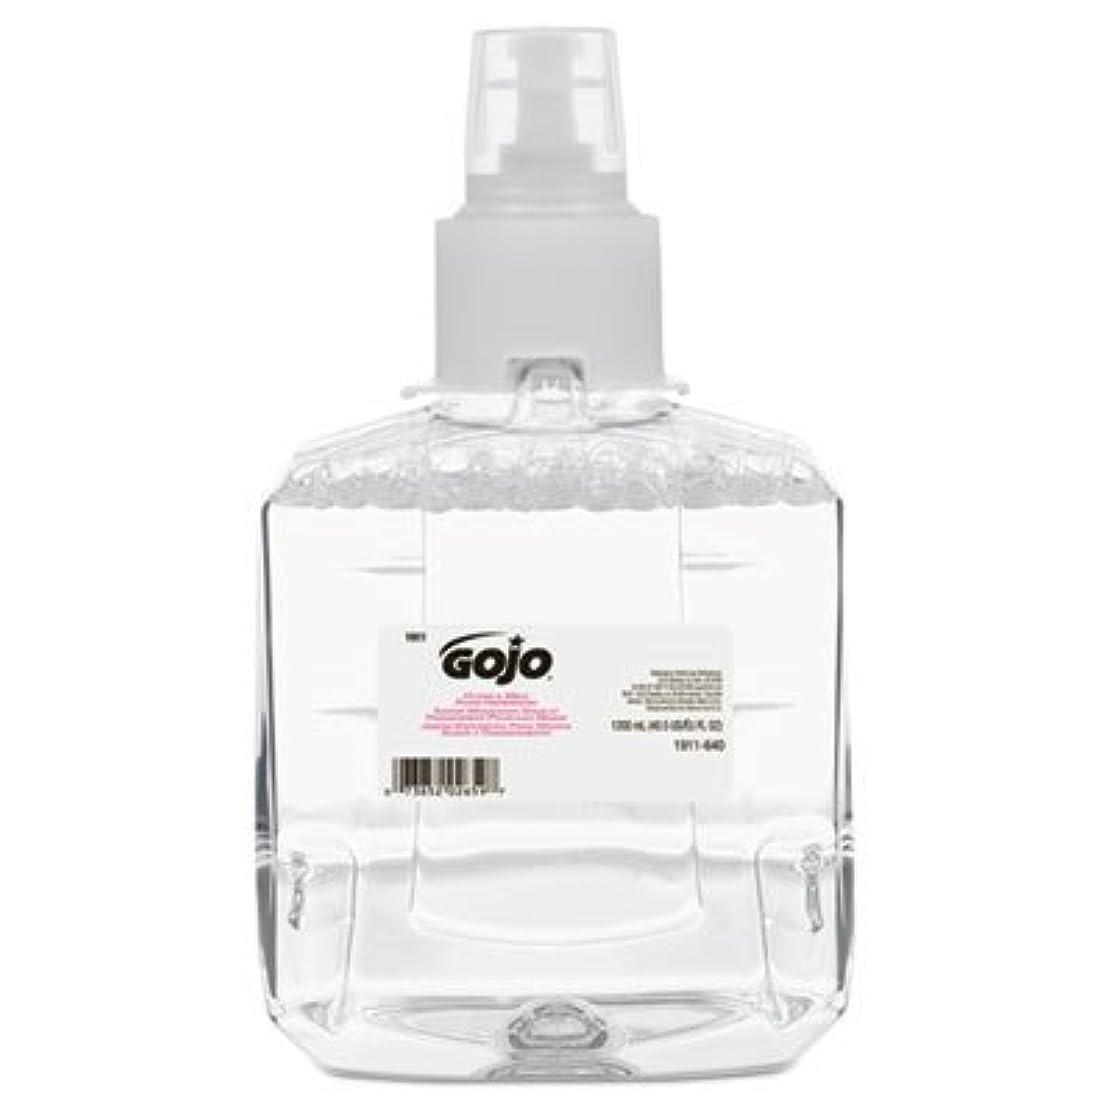 薄める日常的に事業go-jo Industries 191102 CTクリアAmp ; Mild泡手洗いリフィル、抗、1200 ml詰め替え、2 /カートン